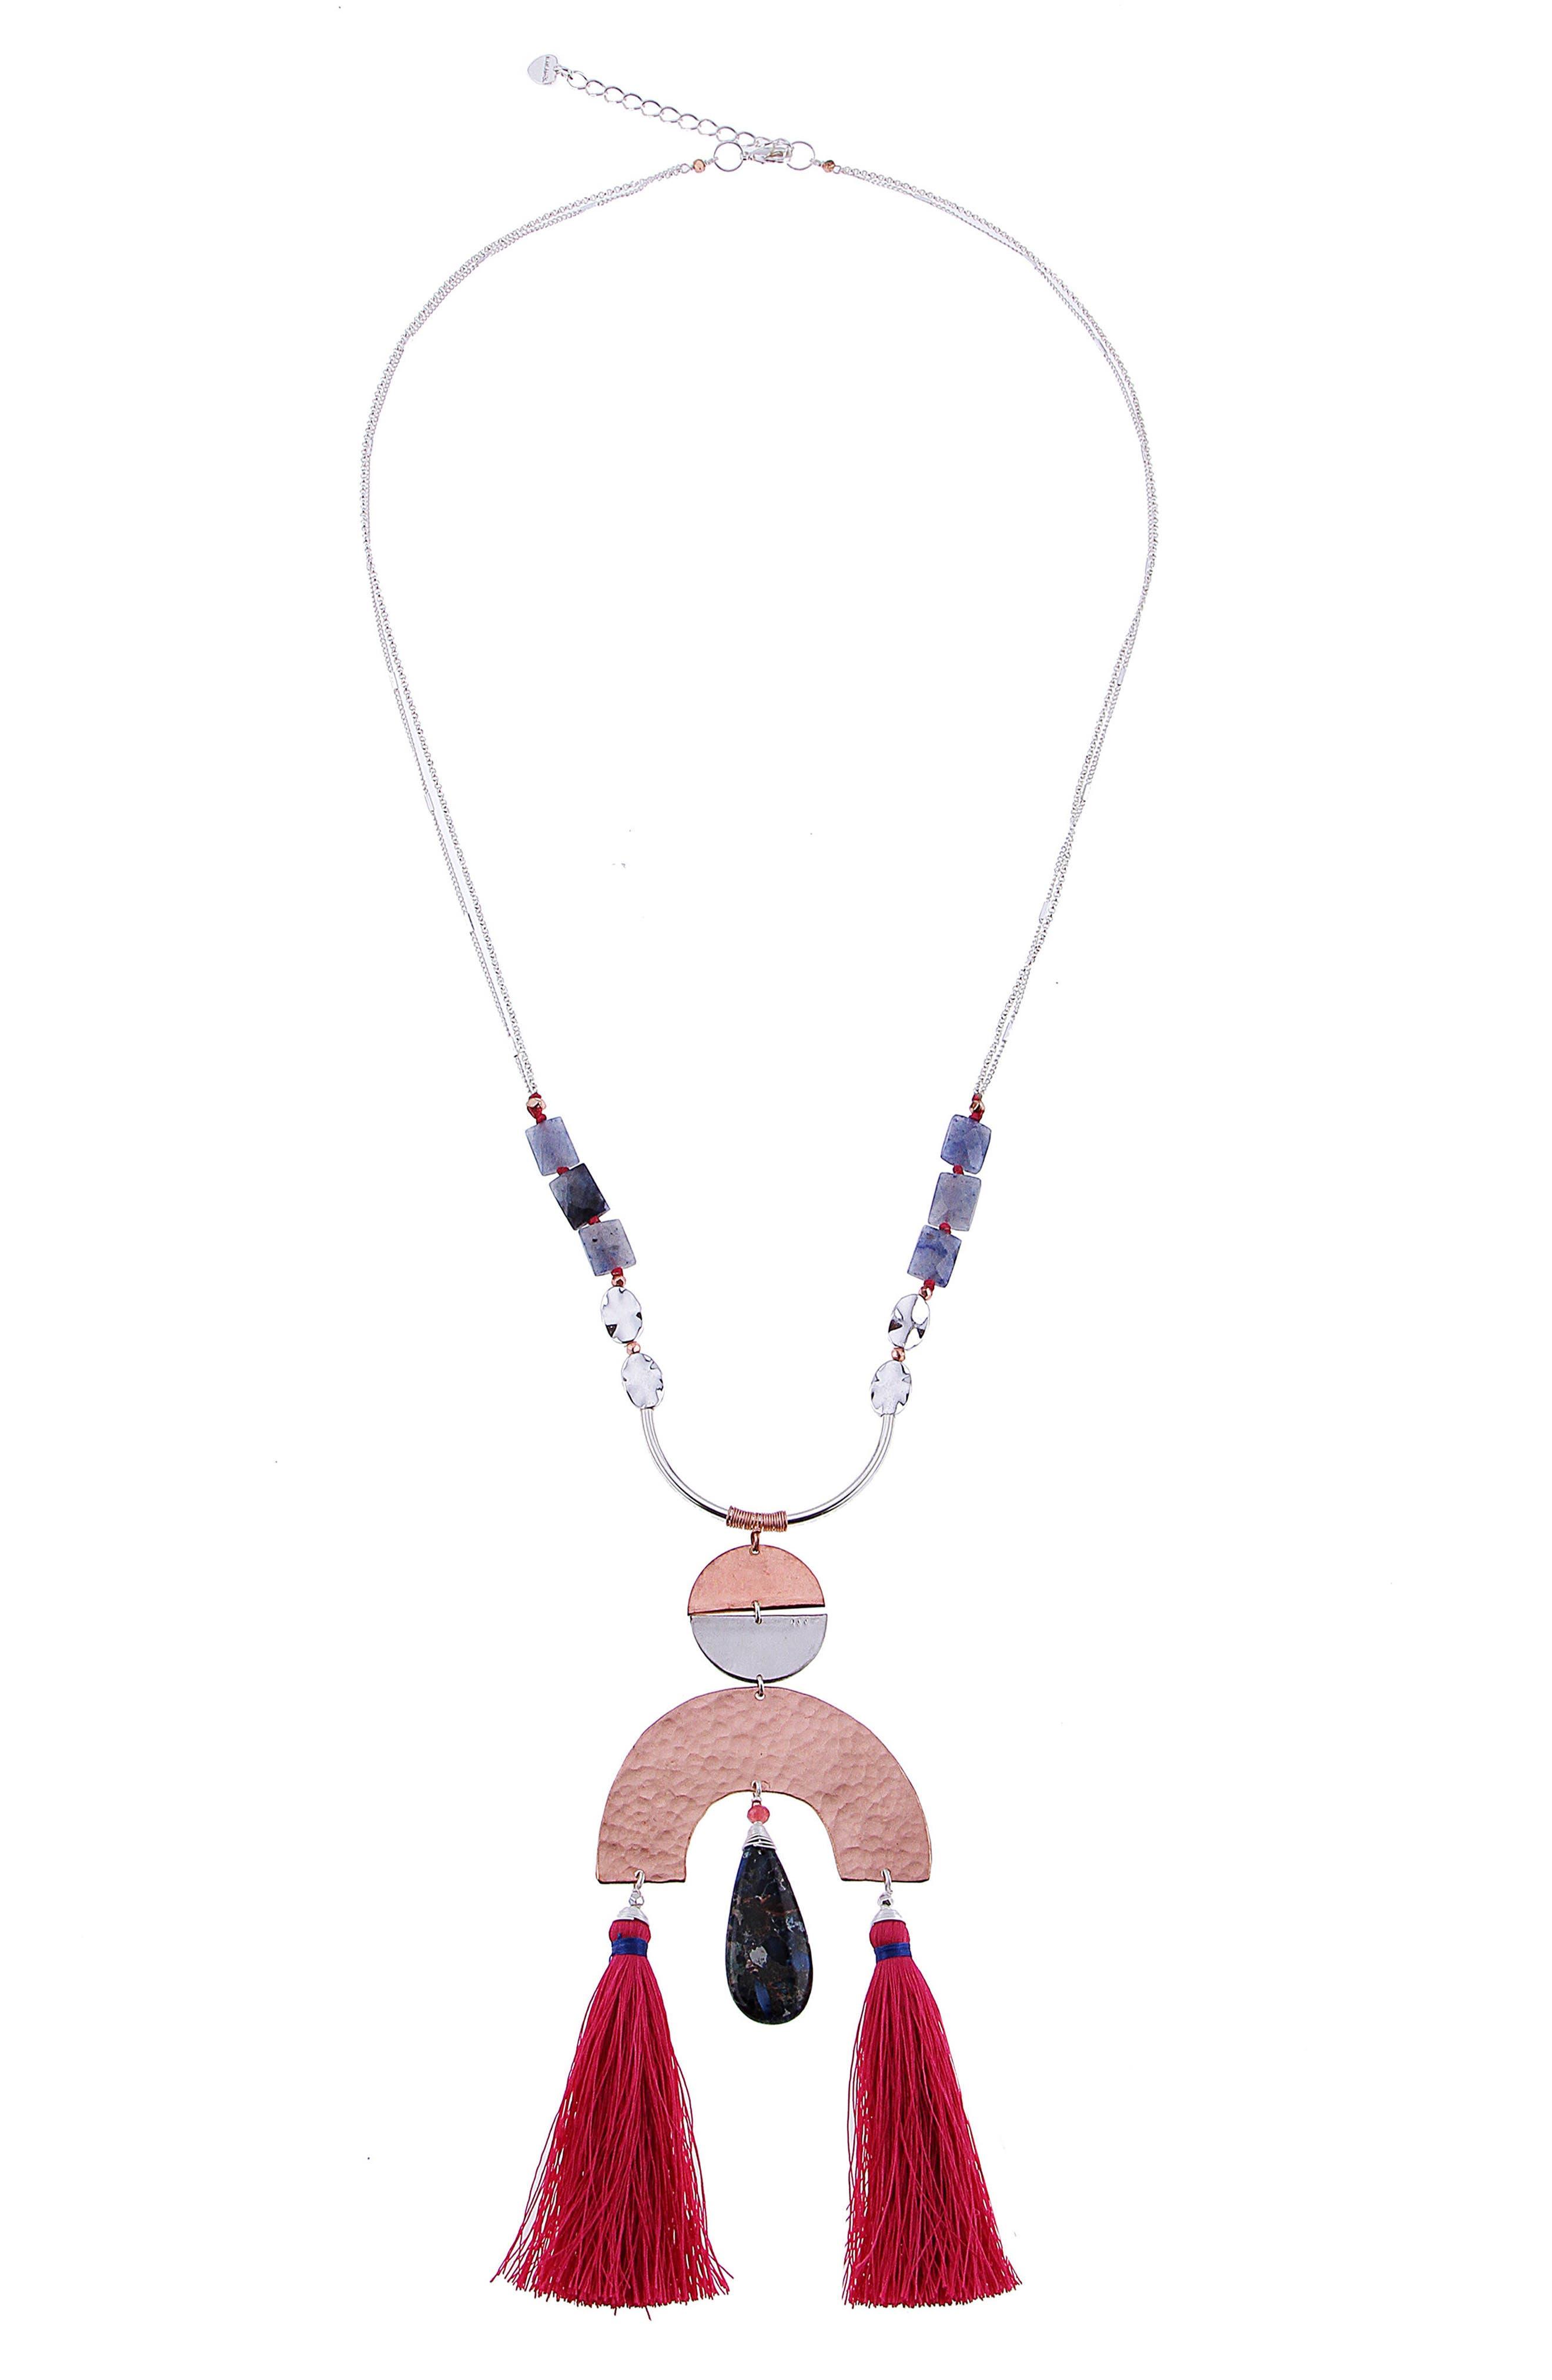 Double Tassel Agate Pendant Necklace,                             Main thumbnail 1, color,                             Blue/ Pink